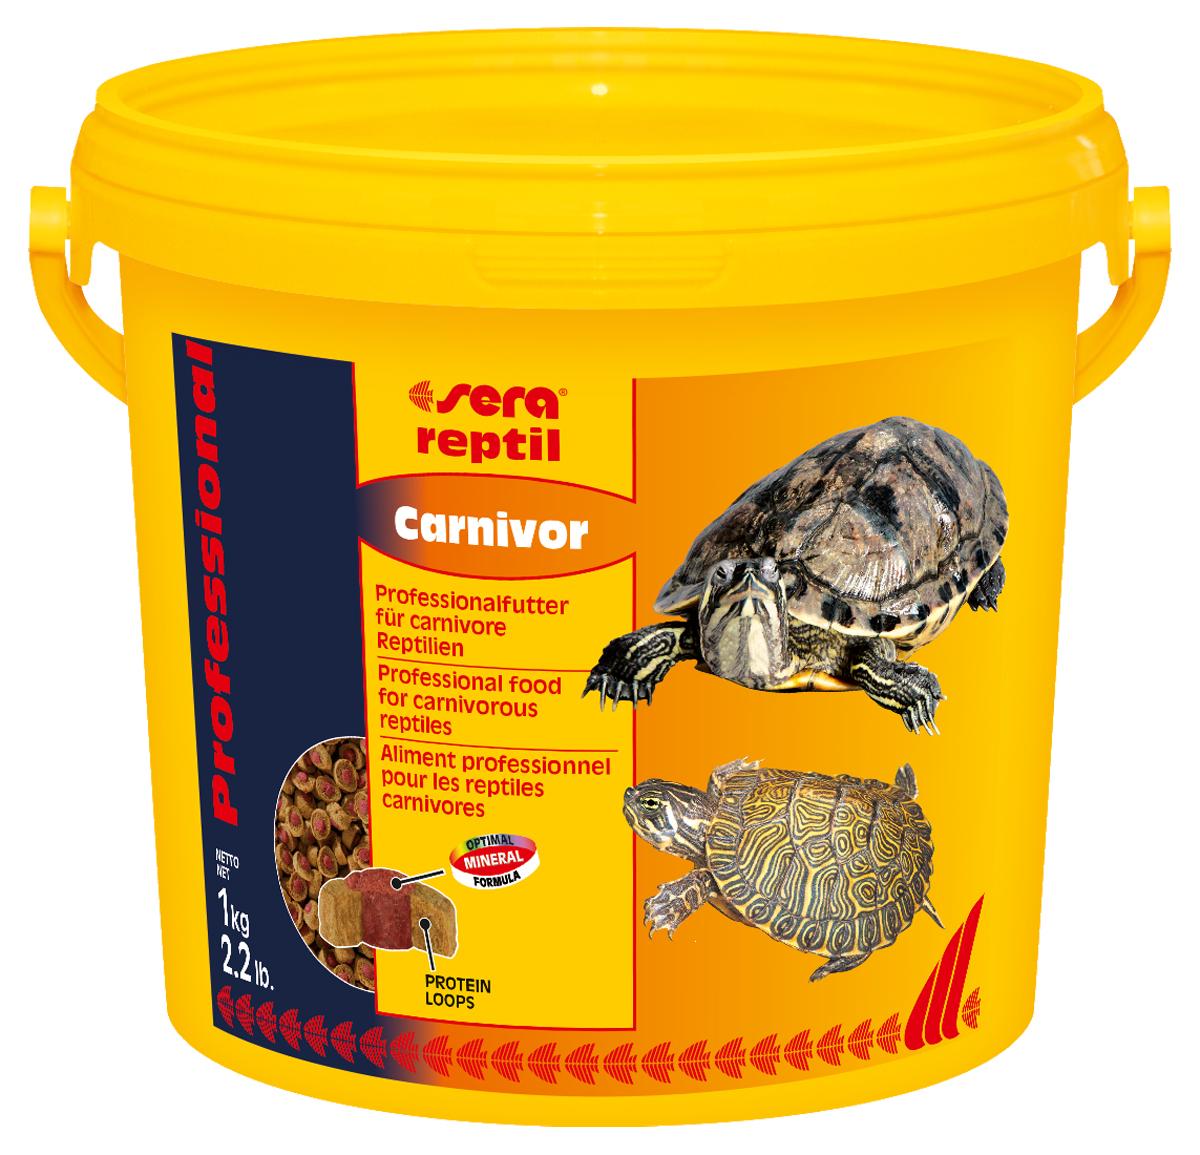 Корм для рептилий Sera Reptil Professional Carnivor, 3,8 л (1 кг)0120710Корм для рептилий Sera Reptil Professional Carnivor - комплексный корм для водных черепах и других плотоядных рептилий, произведенный методом коэкструзии. Инновационный коэкструдат объединяет в себе вкусную оболочку - кольцо, в котором содержатся высококачественные белки и жиры, и сердцевину, произведенную с помощью щадящего низкотемпературного процесса, сохраняющего ценные питательные вещества, с высоким содержанием необходимых витаминов, минералов и других жизненно важных веществ. Оптимальное соотношение кальция и фосфора обеспечивает здоровый рост костей и панциря животных. Инструкция по применению: Кормить экономно. Смешать со свежим кормом в соответствии с потребностями животных. Ингредиенты: рыбная мука, кукурузный крахмал, пшеничная клейковина, пшеничная мука, пивные дрожжи, цельный яичный порошок, рыбий жир, гаммарус, морские водоросли, зеленые мидии, криль, чеснок. Аналитический состав: протеин 37,4%, жиры 6,2%, клетчатка 5,6%, влажность 5,2%, зольные вещества 7,5%, кальций 2,0%, фосфор 1,0%.Витамины и провитамины: витамин A 37.000 МЕ/кг, витамин D3 1.800 МЕ/кг, витамин E (D, L-а-tocopheryl acetate) 120 мг/кг, витамин B1 35 мг/кг, витамин B2 90 мг/кг, витамин C (L-ascorbyl monophosphate) 550 мг/кг. Микроэлементы: Fe (E1) 10,9 мг/кг, Cu (E4) 0,5 мг/кг, Mn (E5) 0,3 мг/кг, Zn (E6) 10,4 мг/кг. Содержит пищевые красители, допустимые в ЕС. Товар сертифицирован.